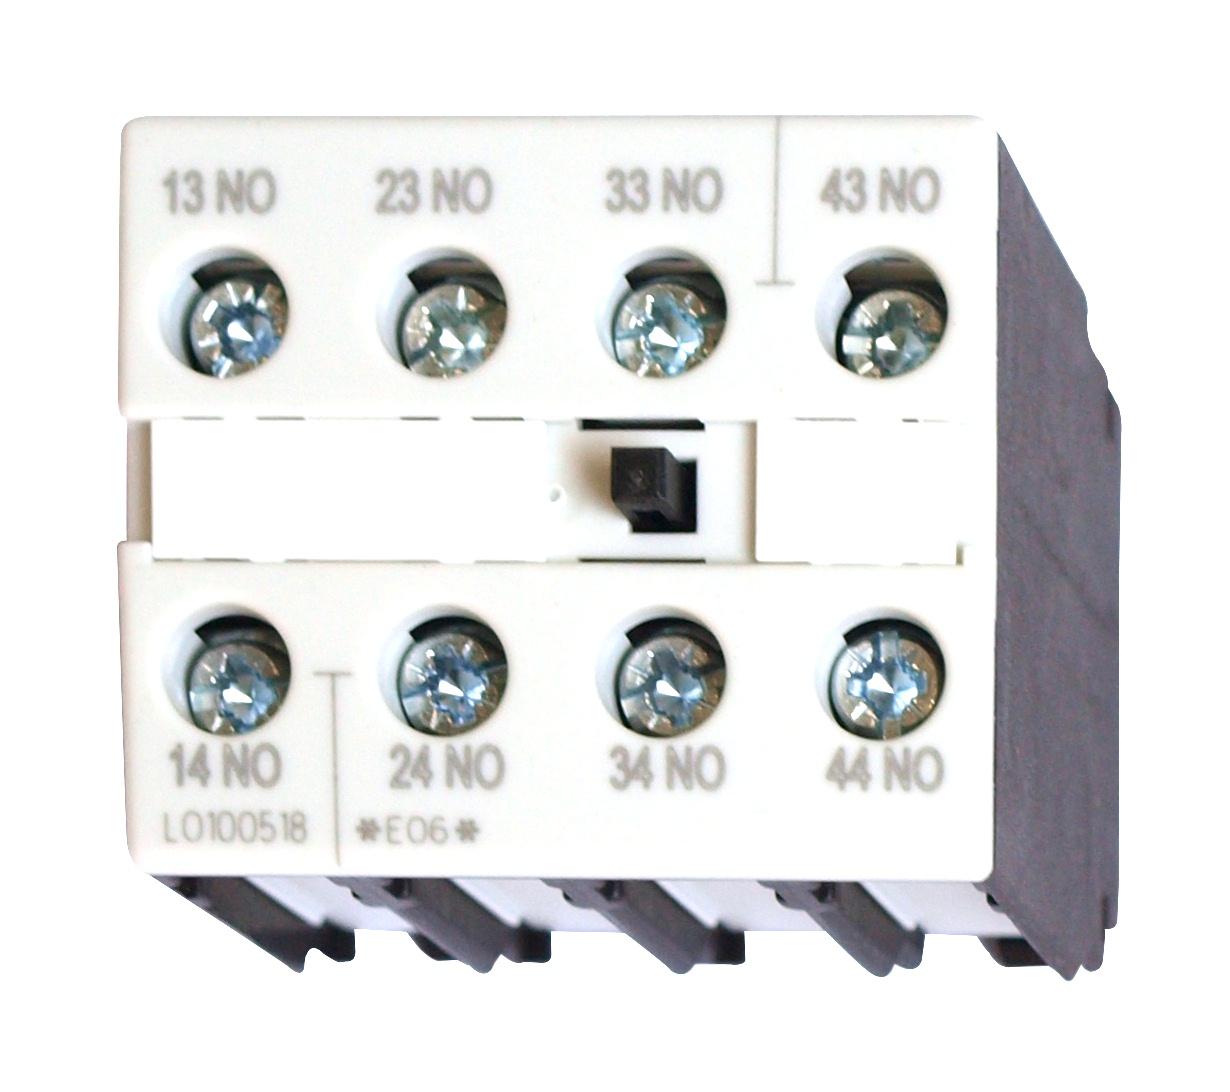 1 Stk Hilfsschalter 4-polig 4 Schließer, 0-12 LSZ0D140F-